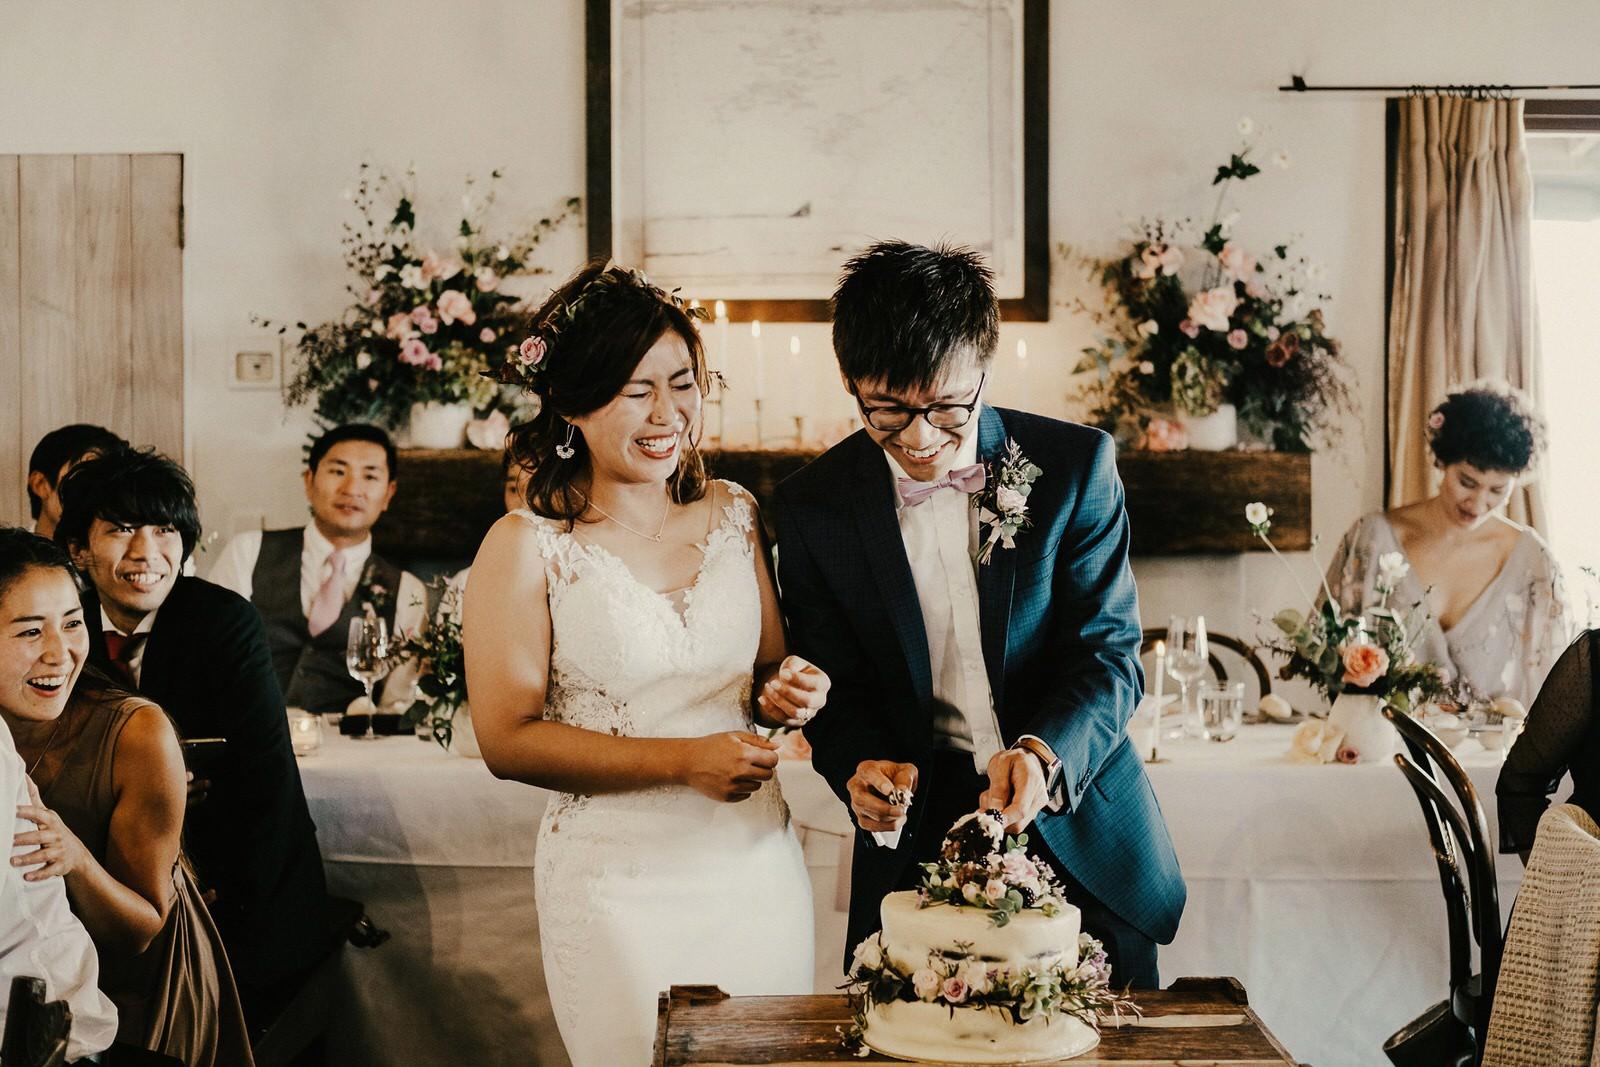 Wellington candid wedding photography